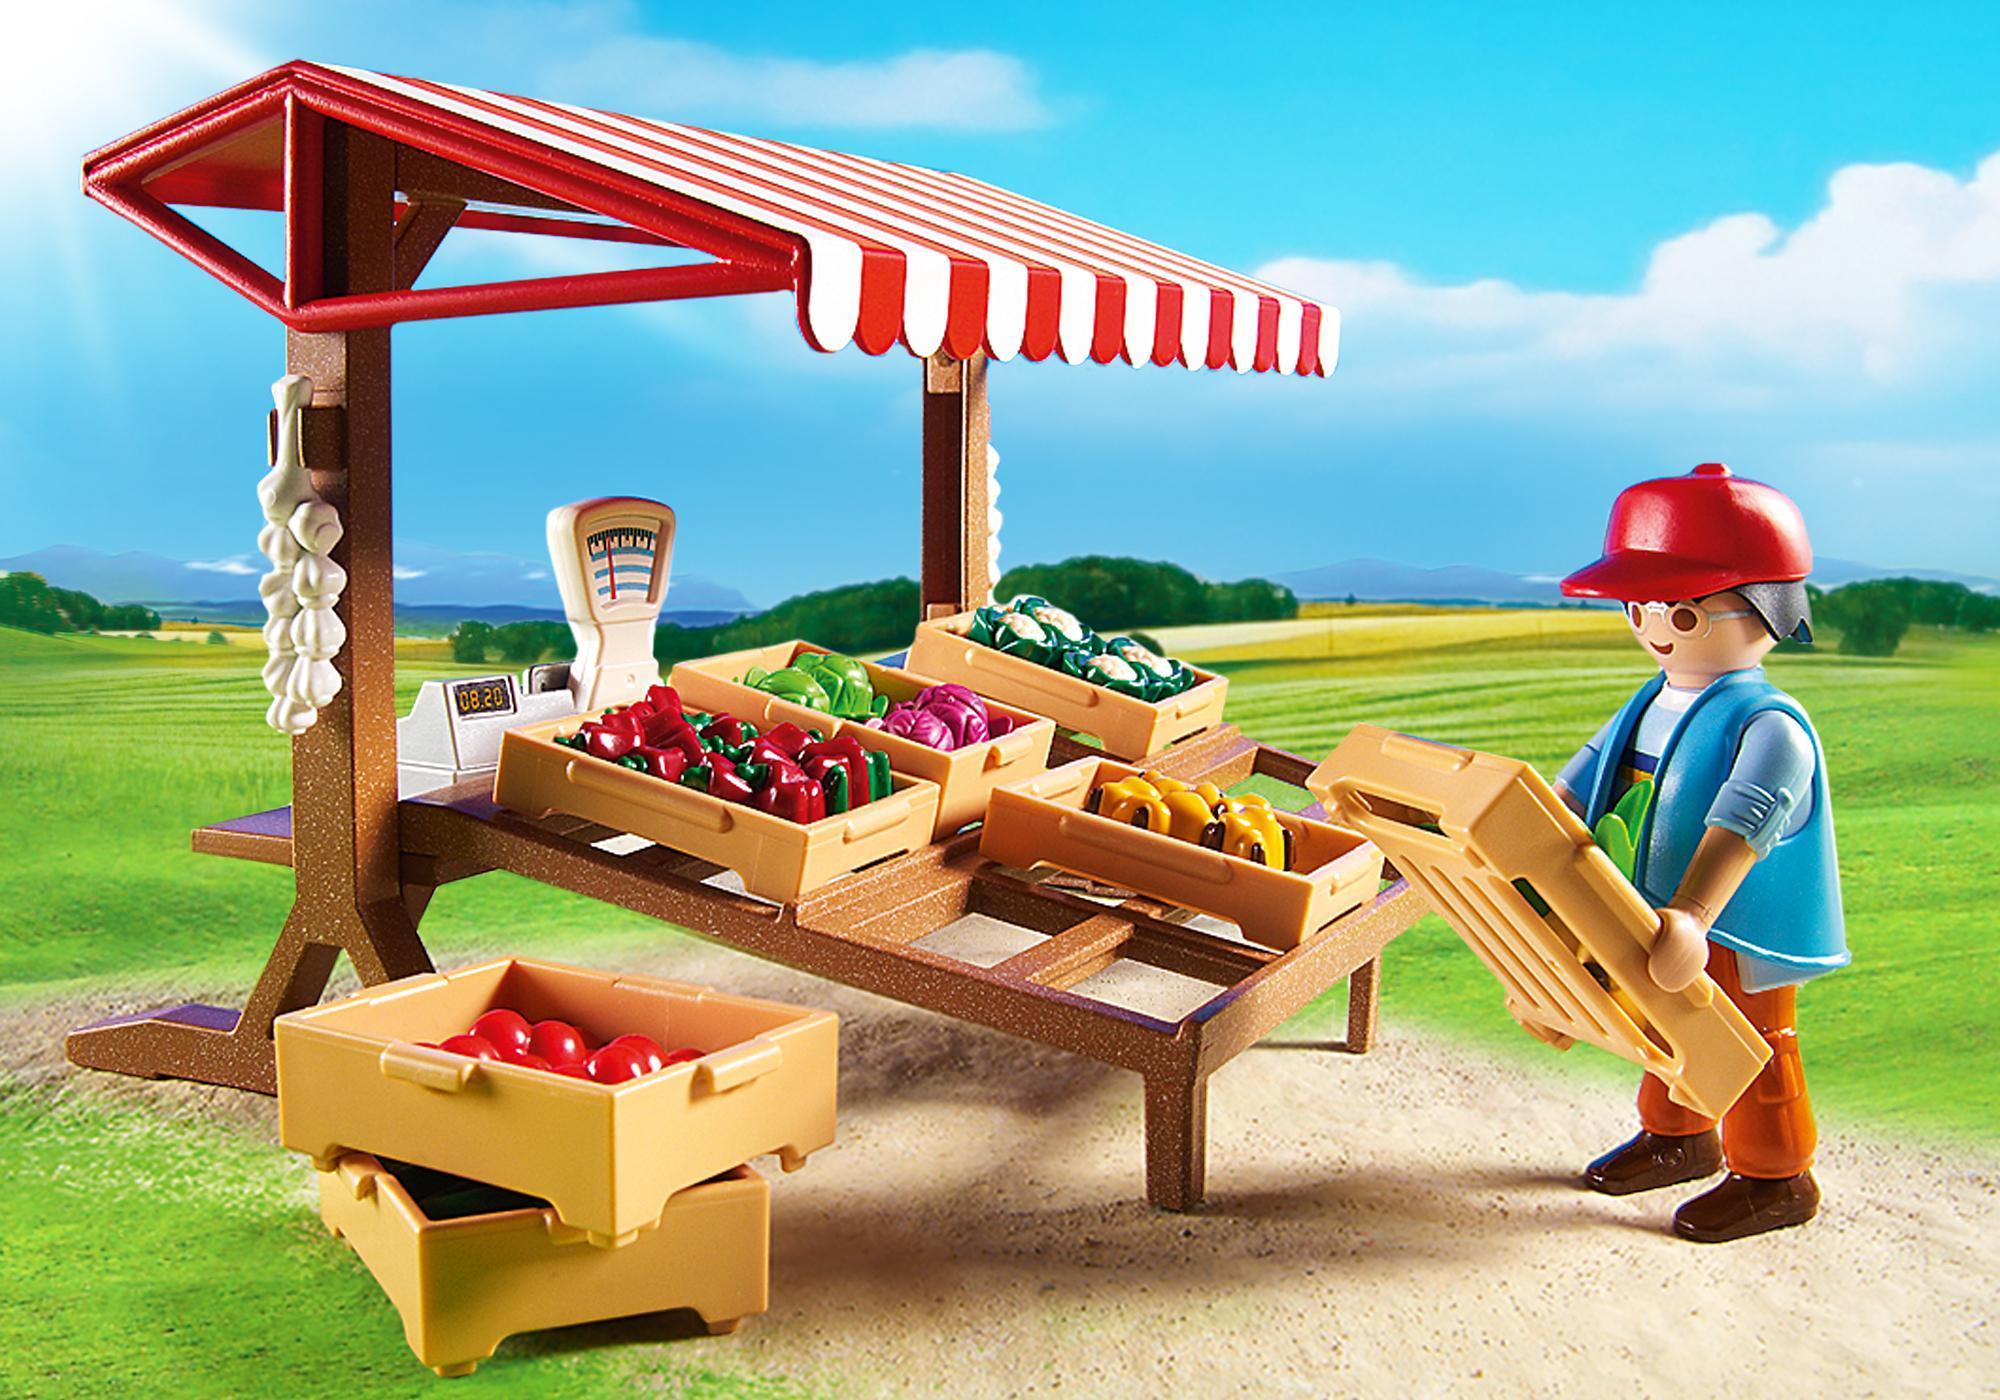 http://media.playmobil.com/i/playmobil/6121_product_extra2/Bancarella frutta e verdura